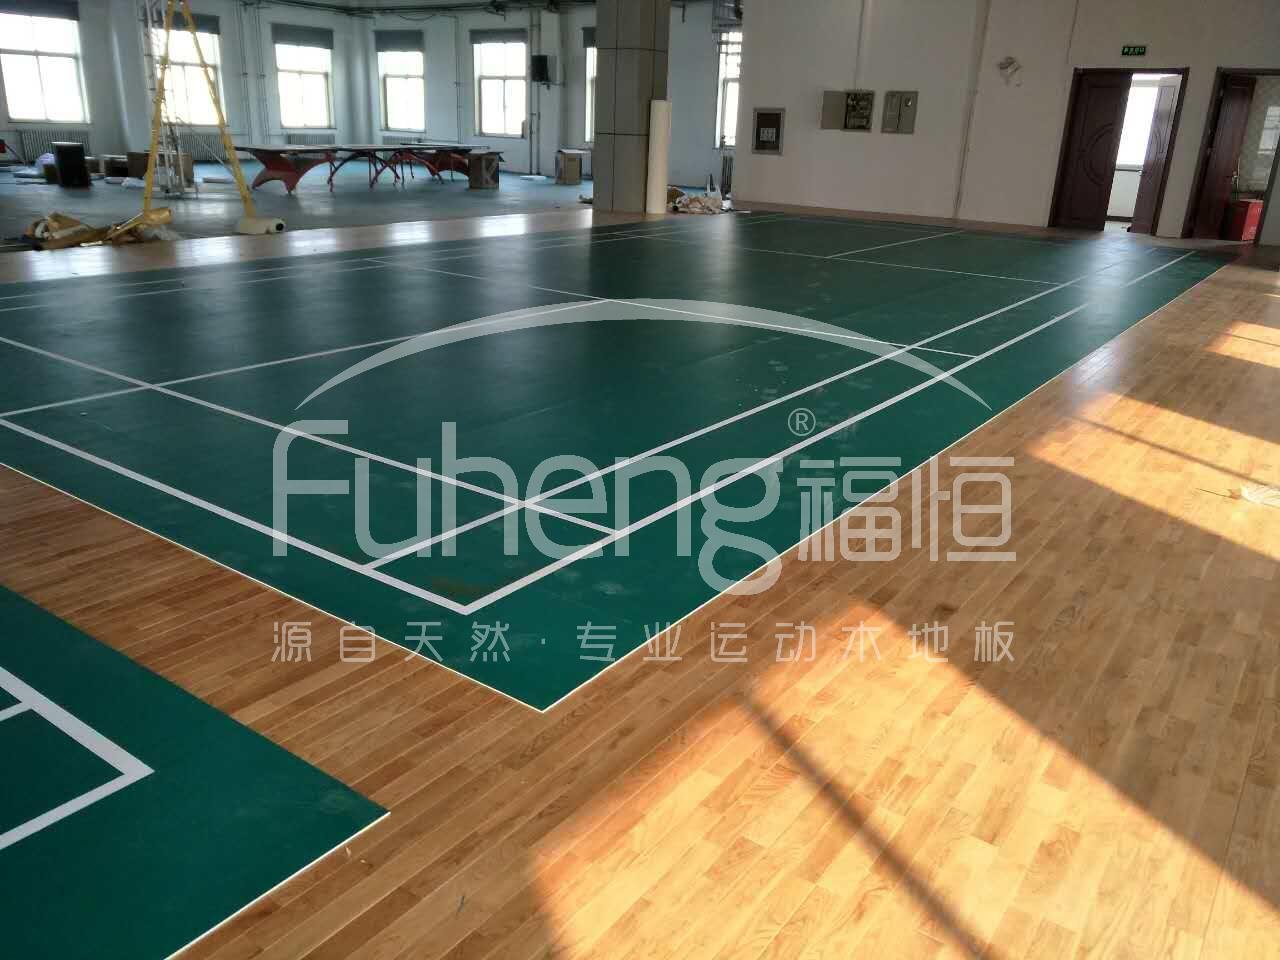 北京维通利电气有限公司羽毛球场木地板工程